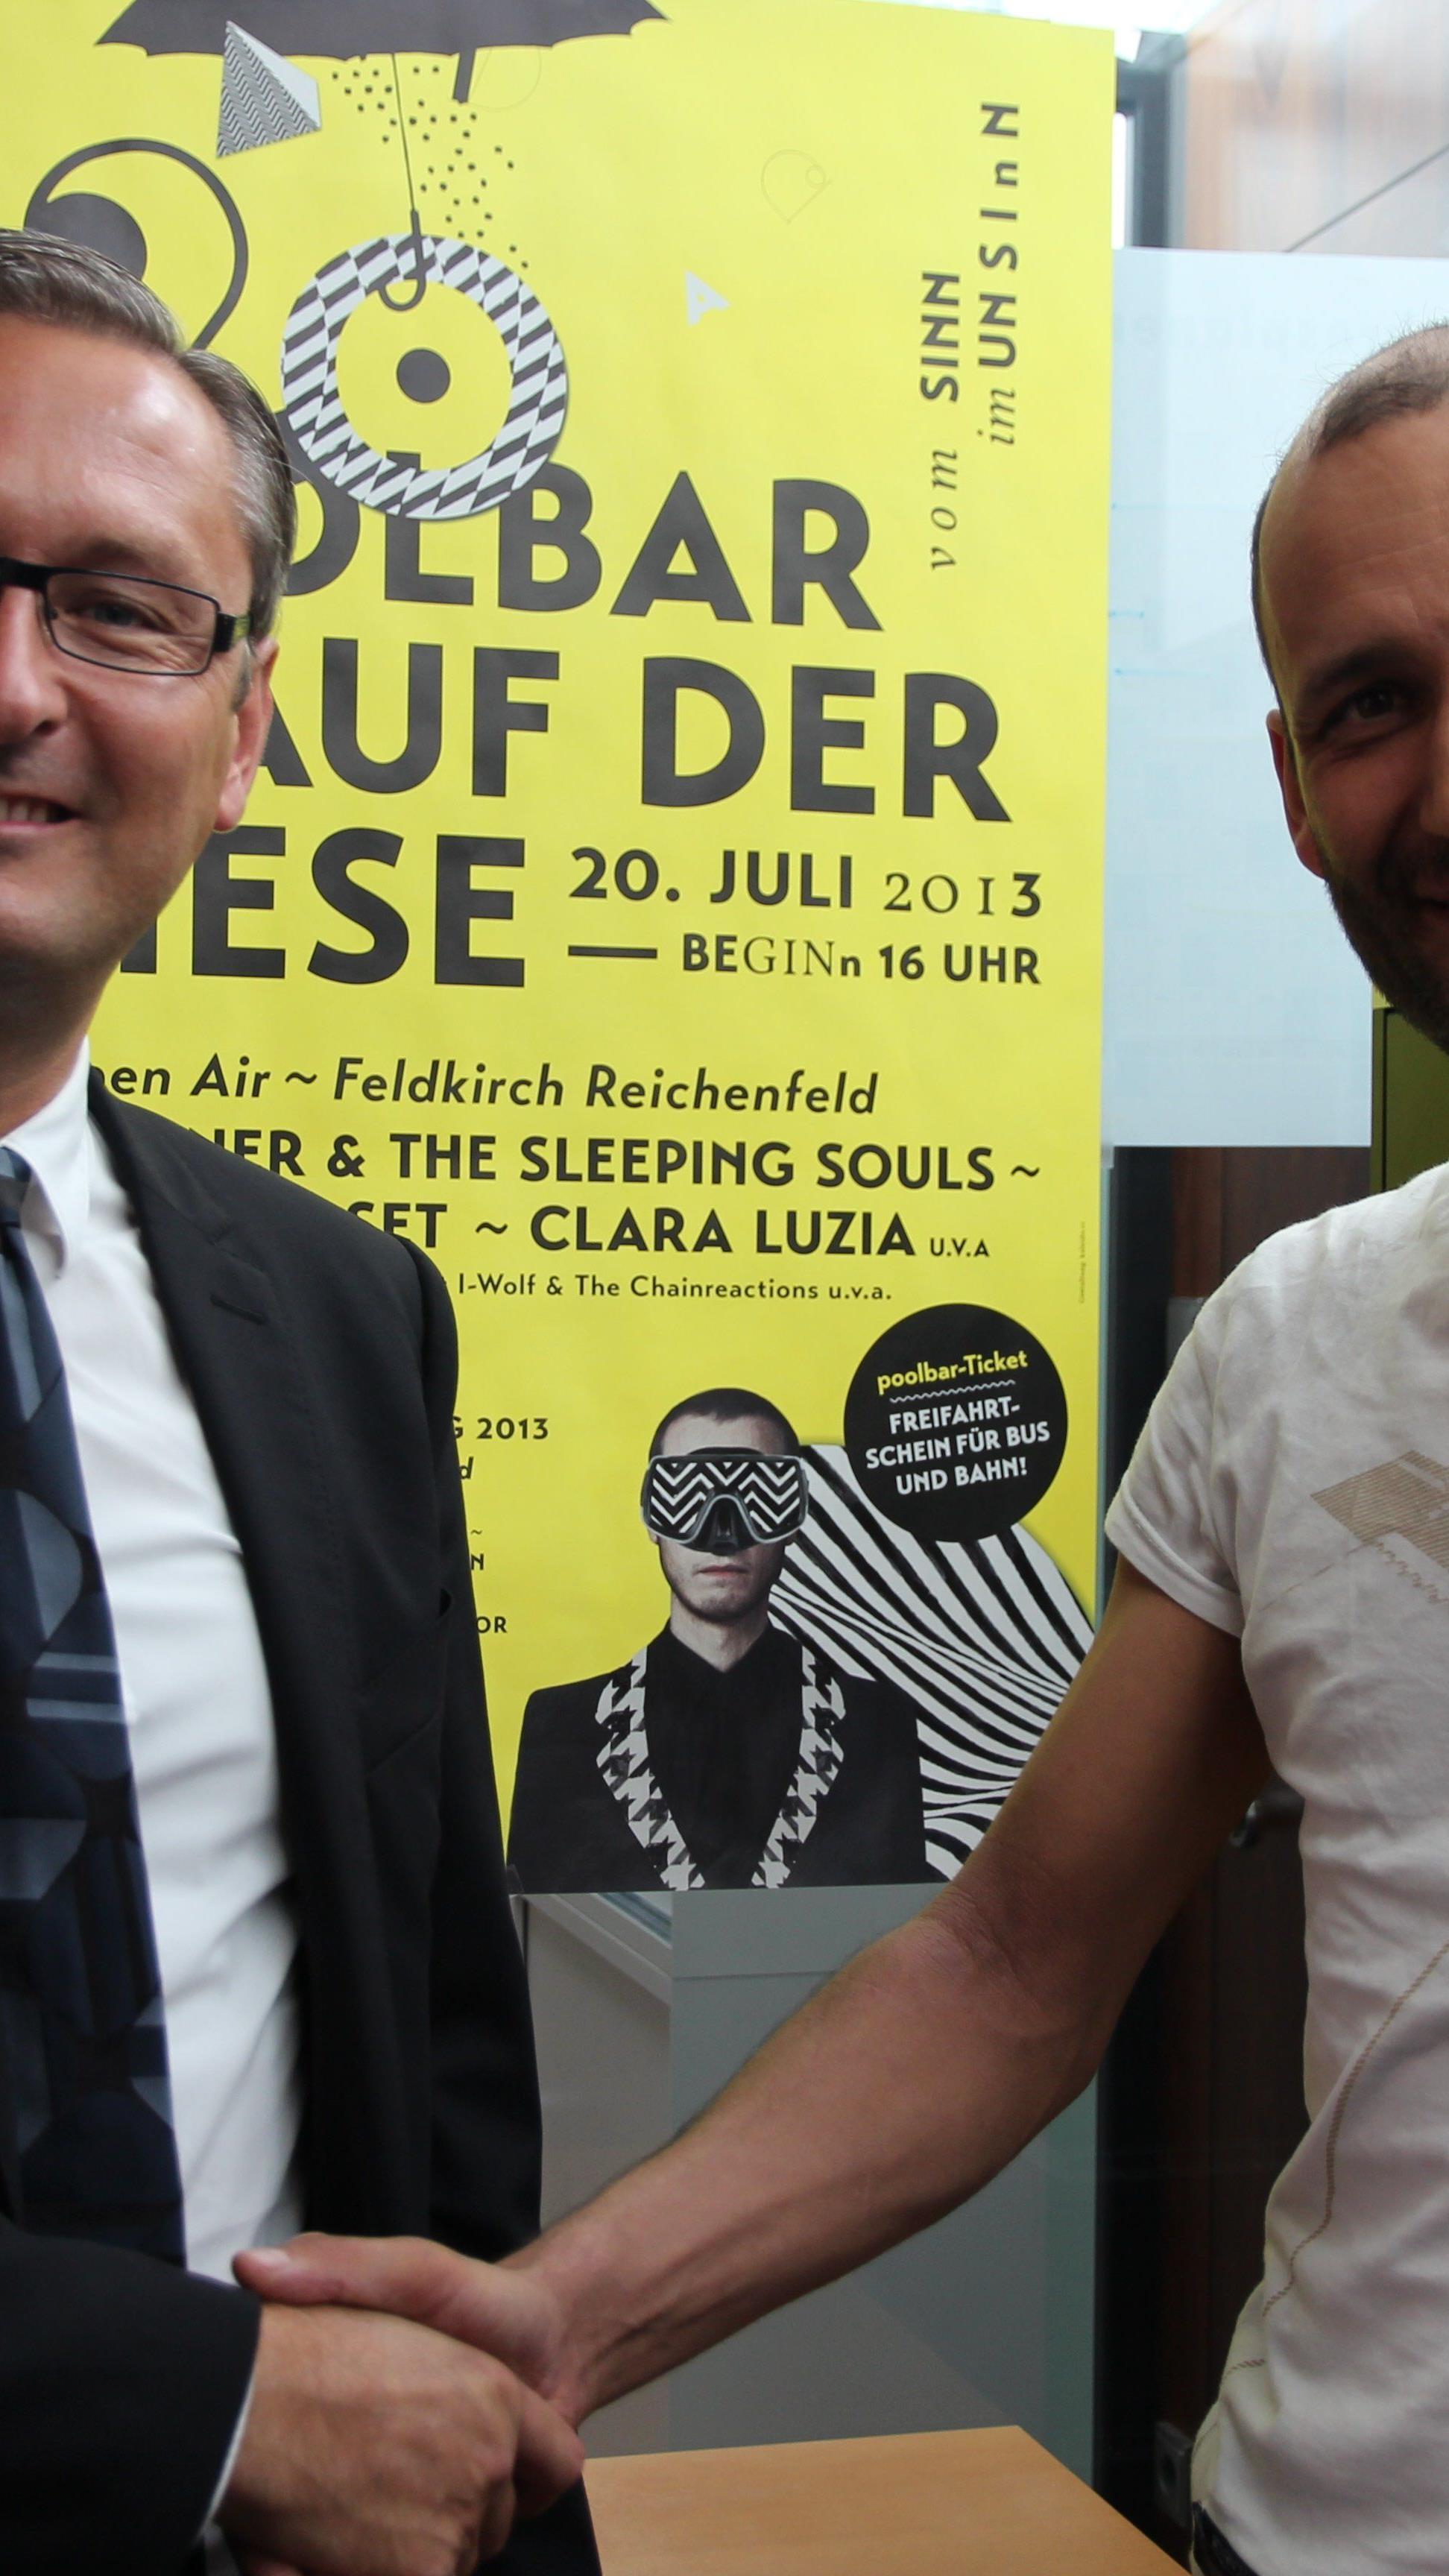 Vorstandsvorsitzender Betr.oec Gerhard Hamel und poolbar-GF Herwig Bauer.